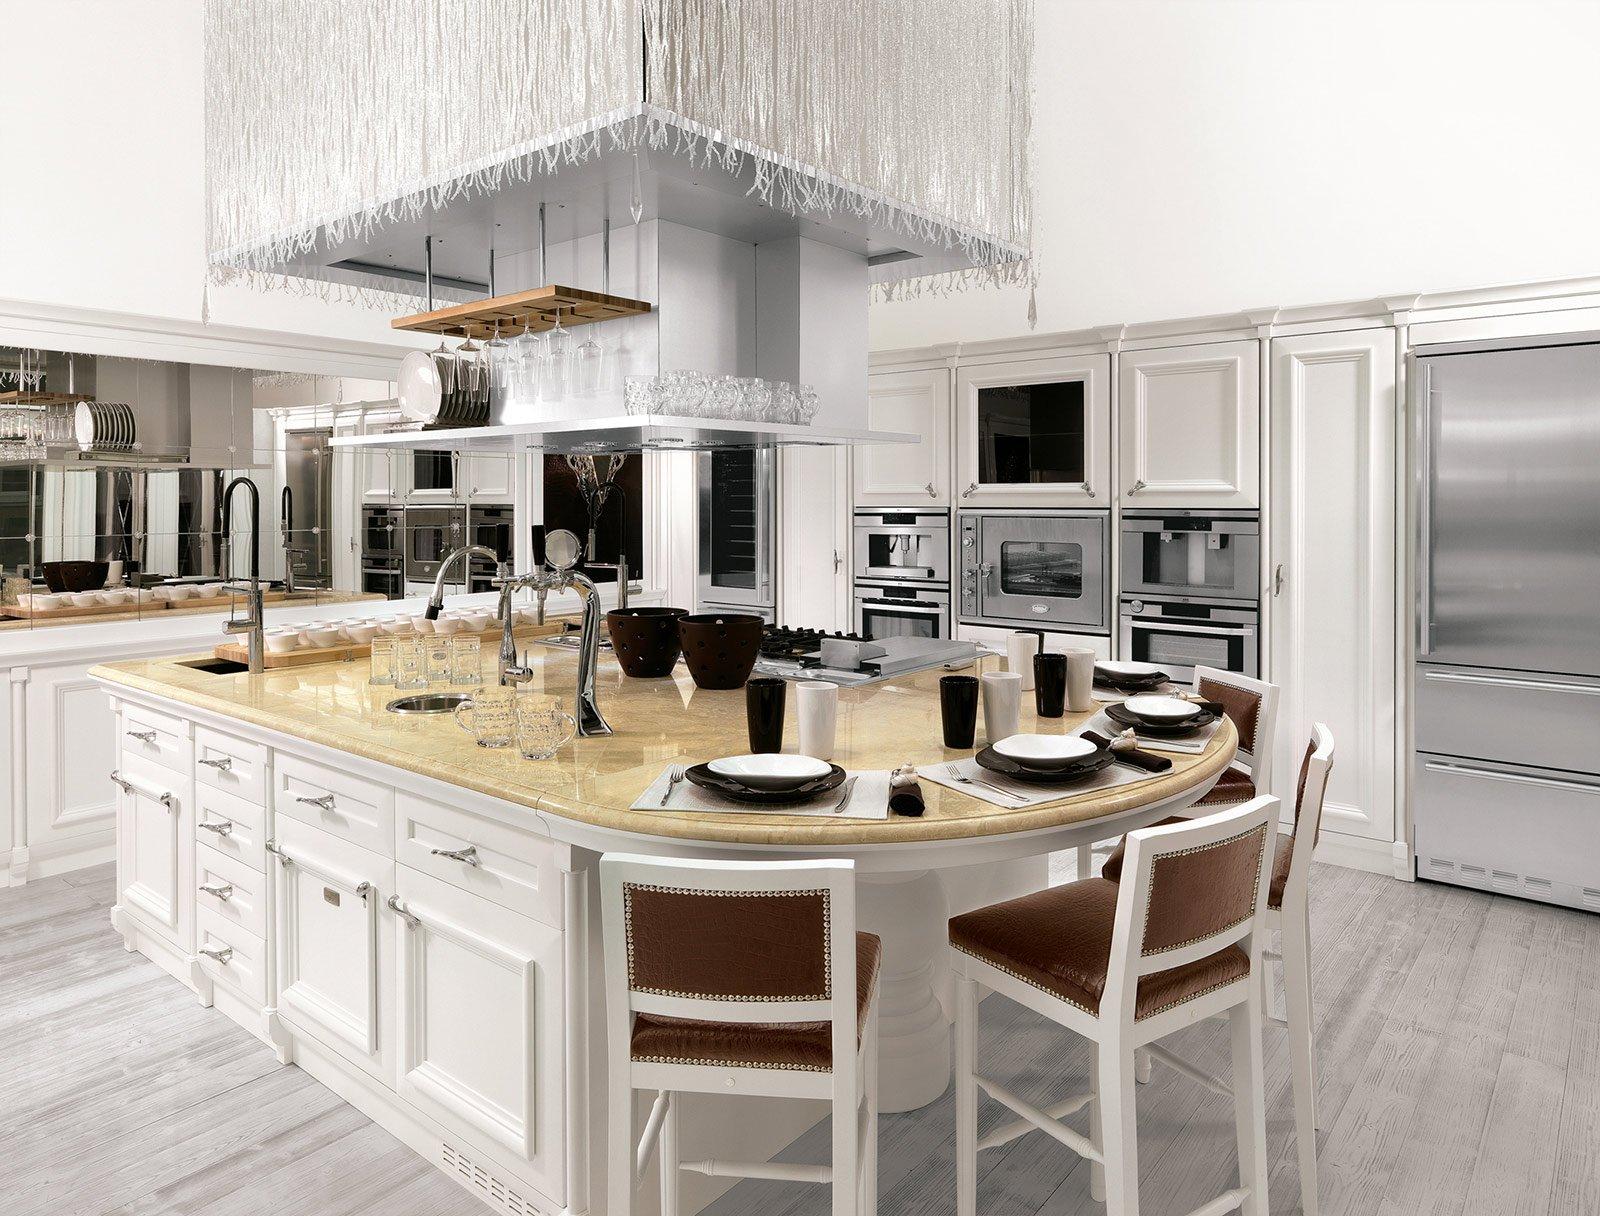 Forum progetto cucina forma particolare - Finestre all americana ...